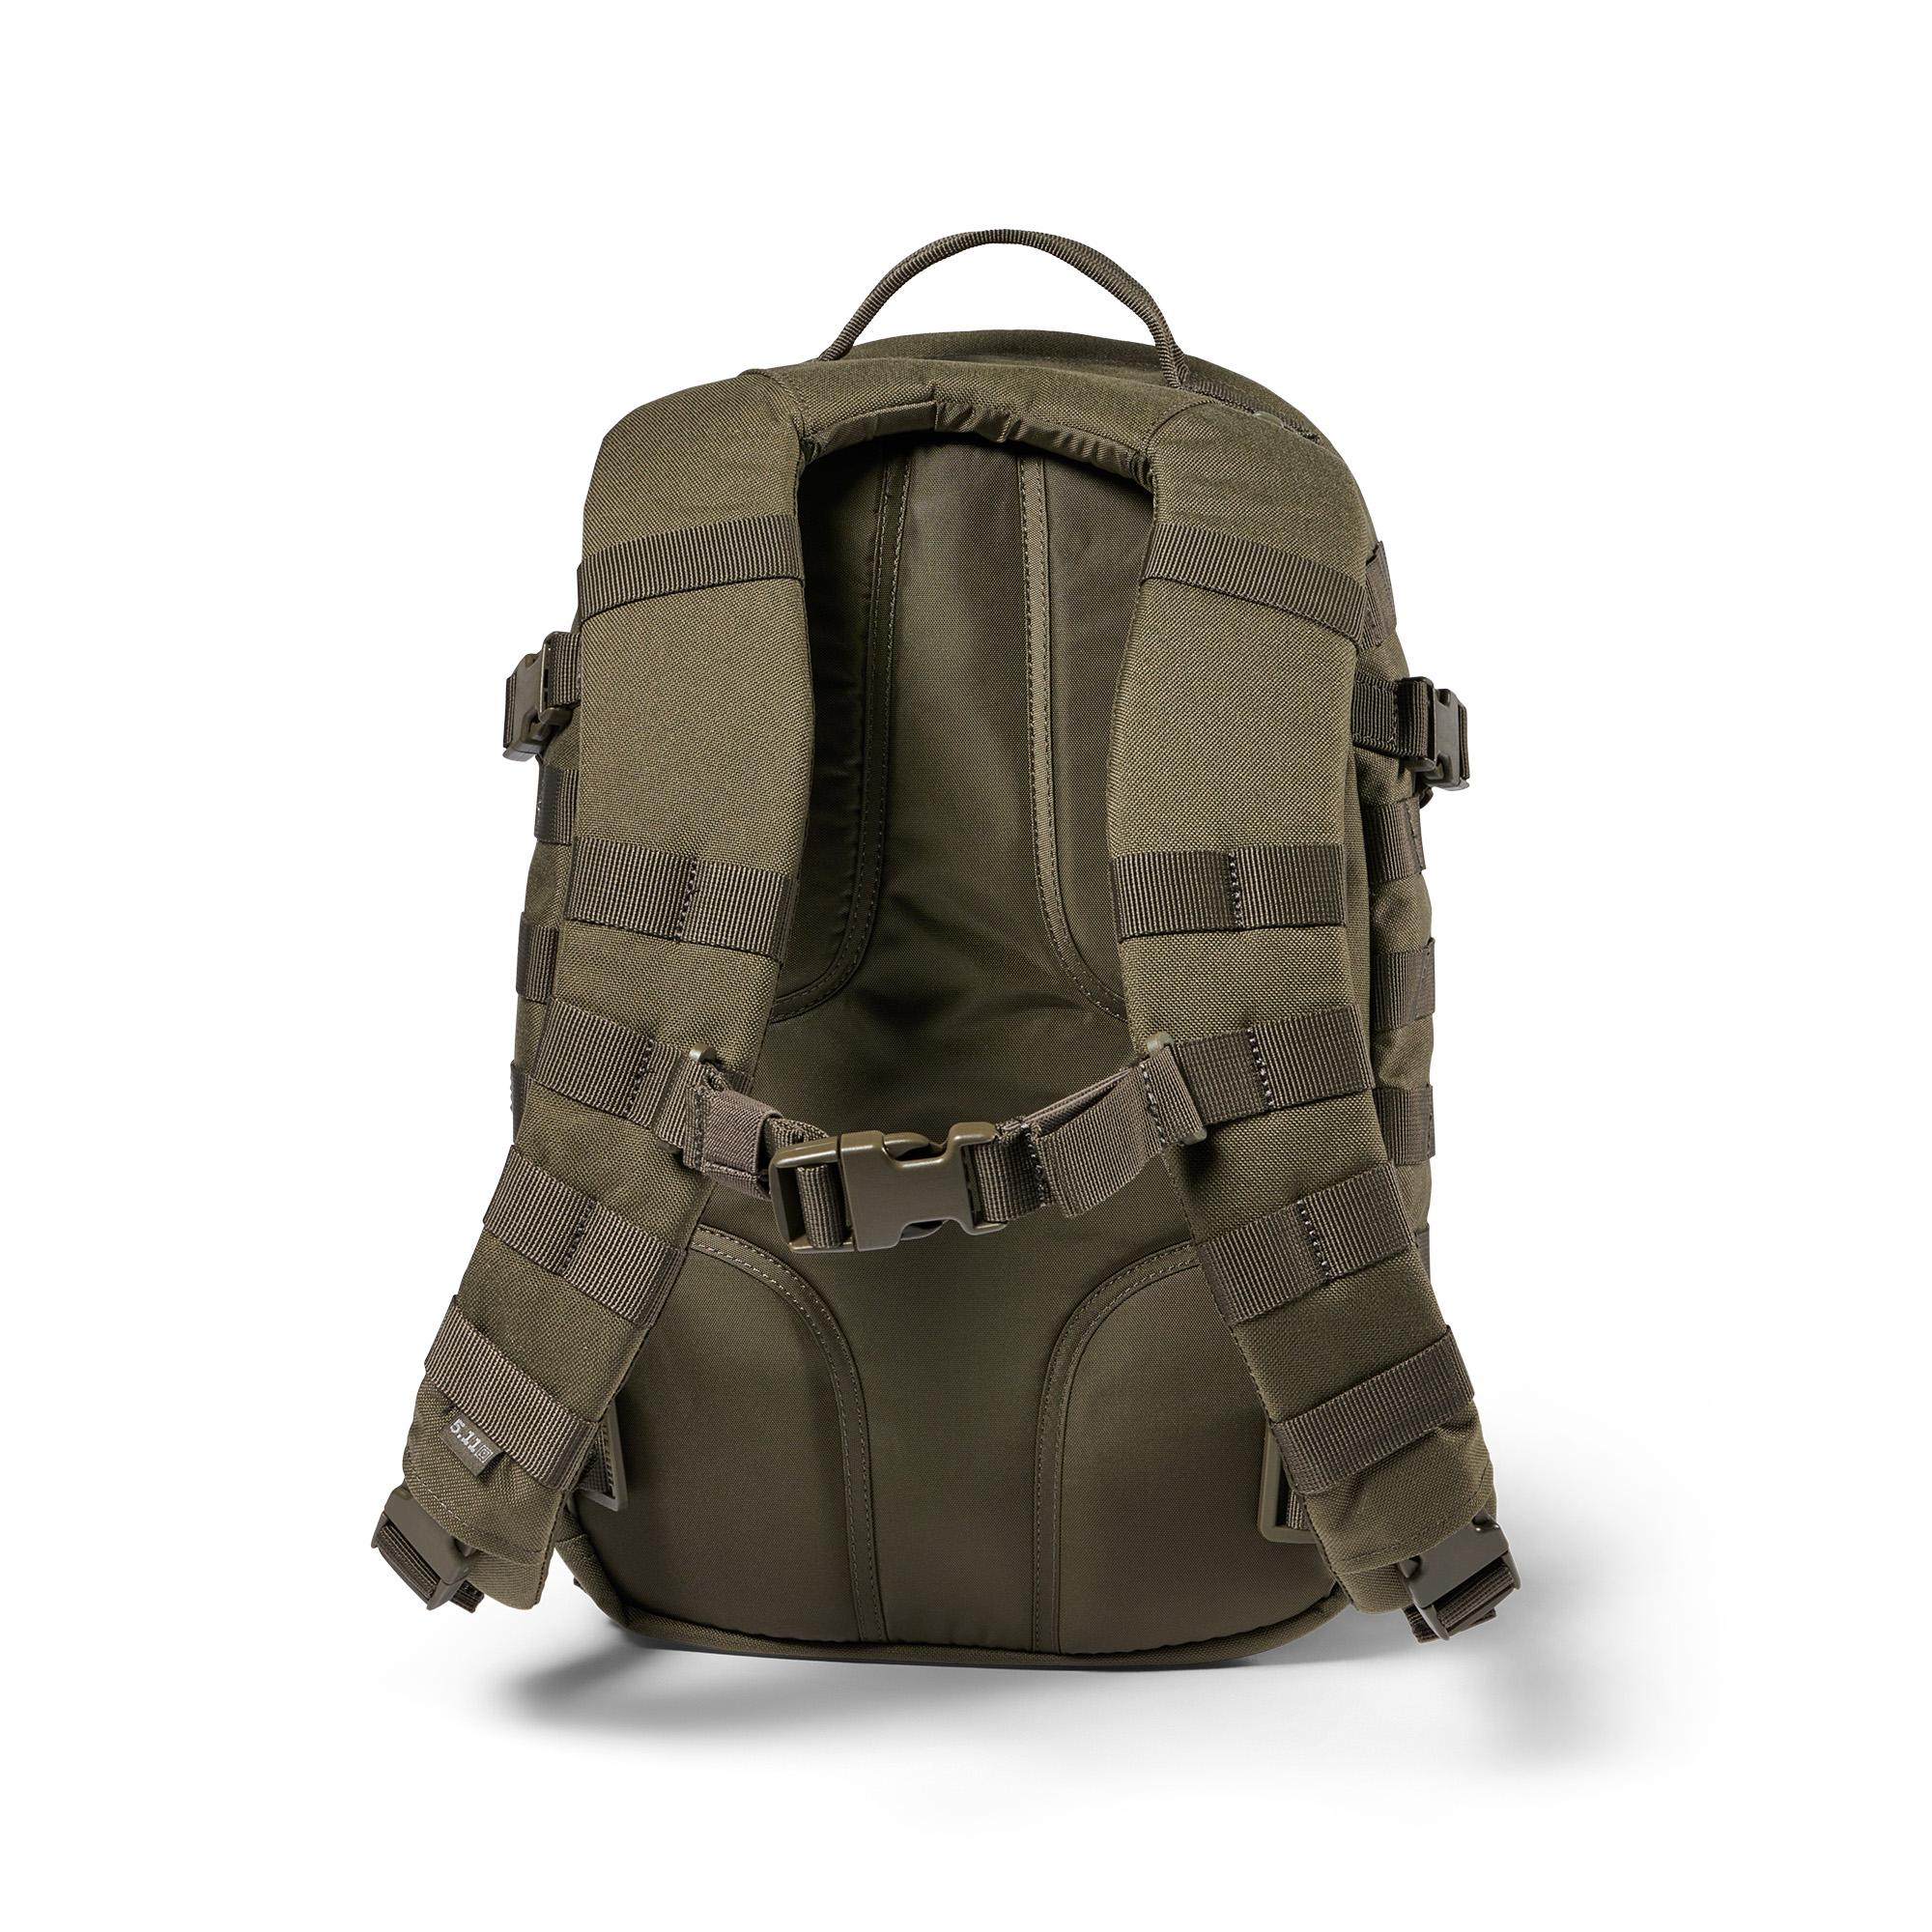 Balo 5.11 Tactical Rush 12 2.0 – Ranger Green